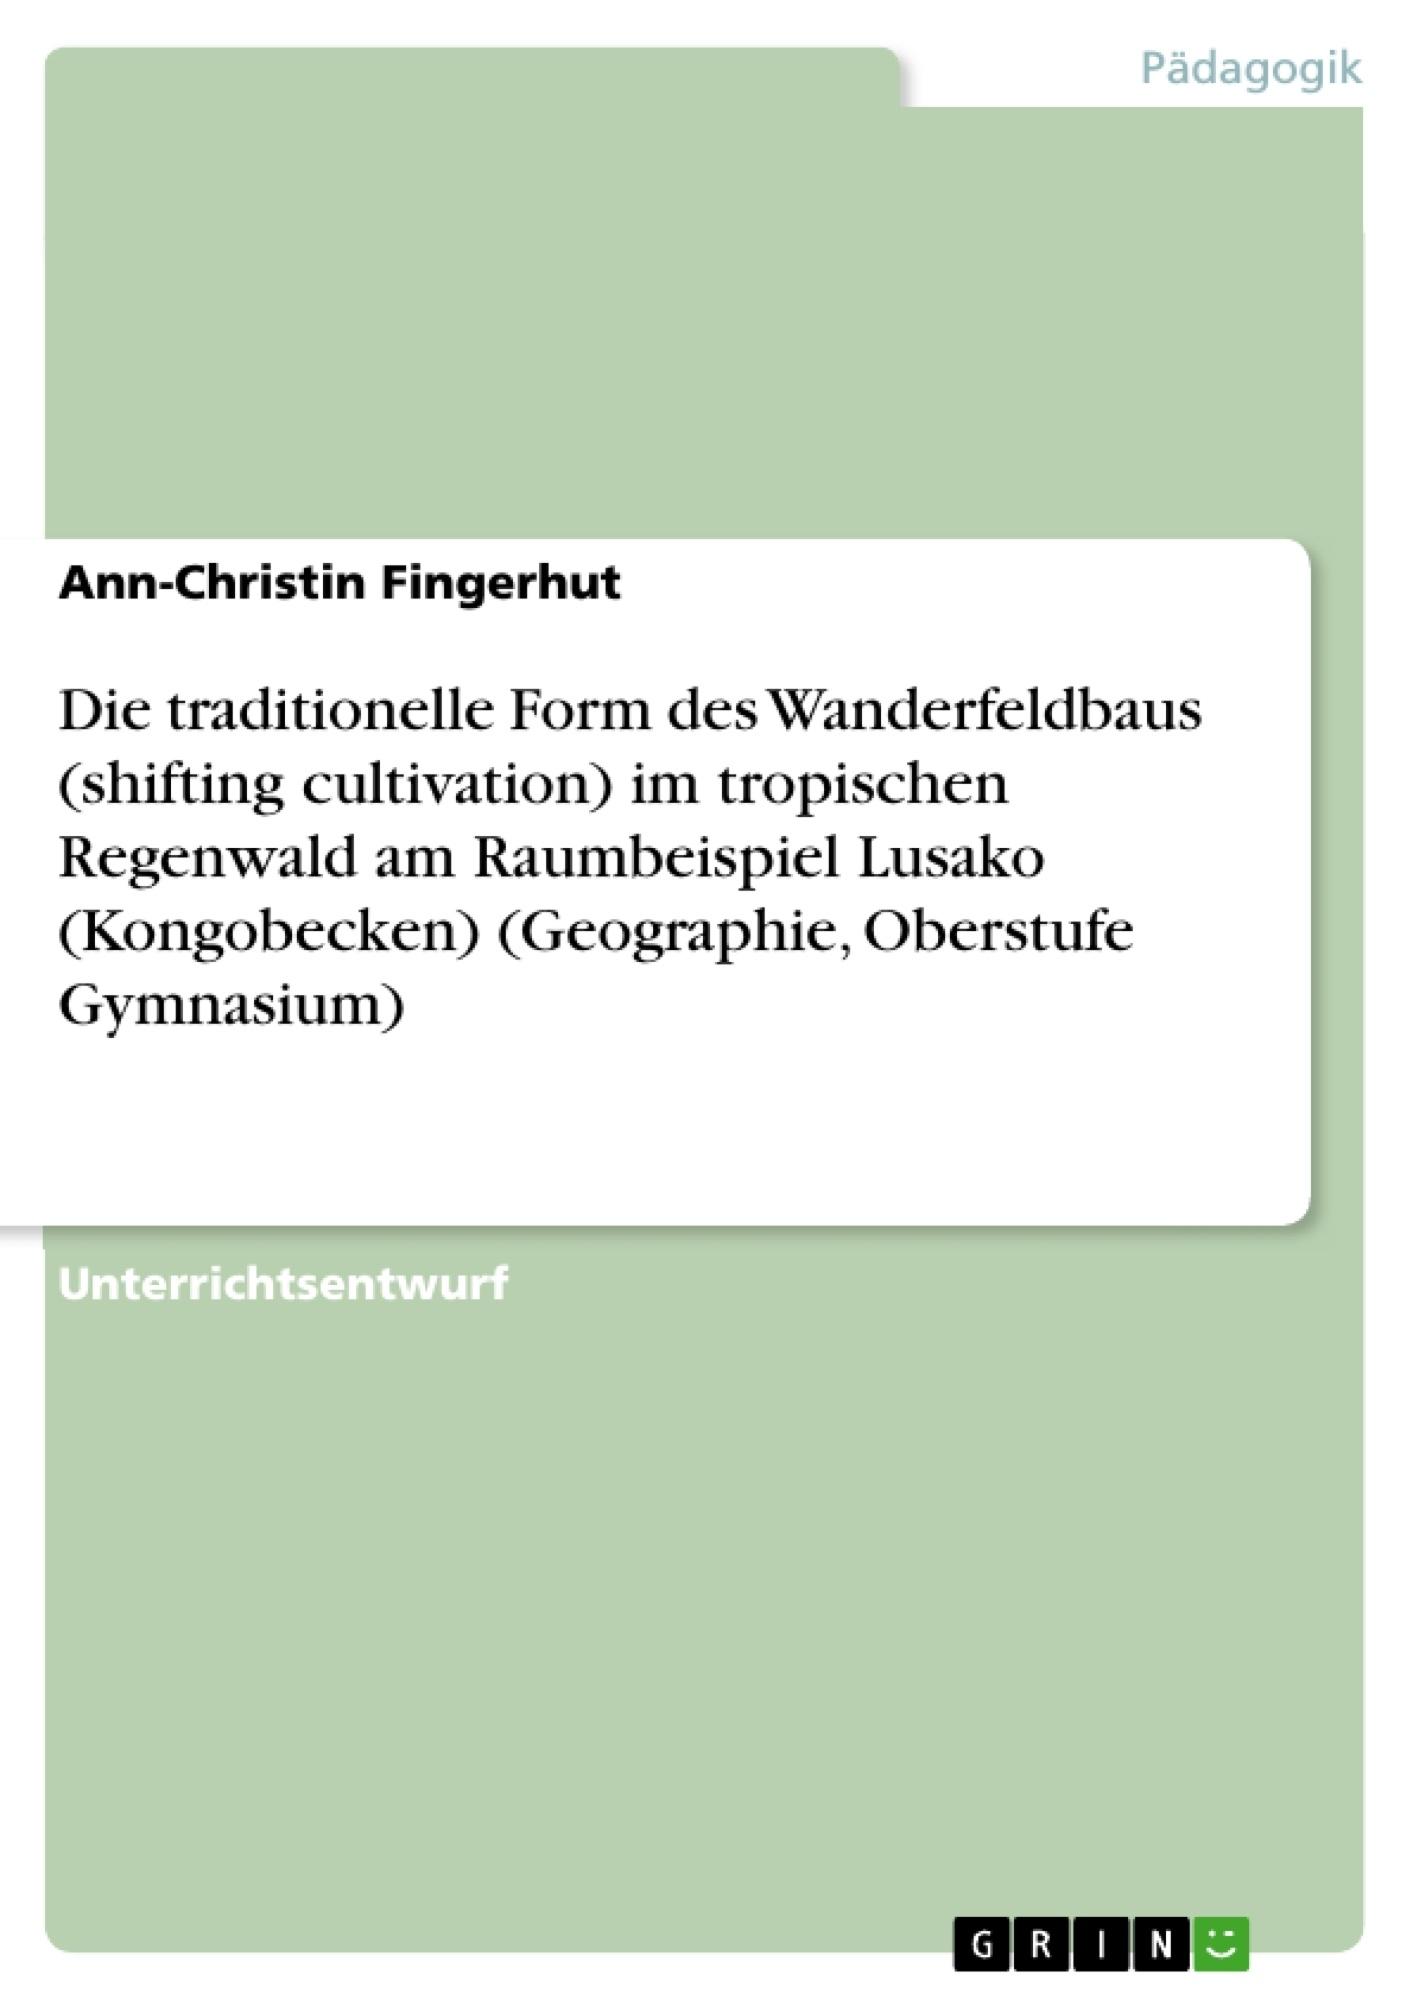 Titel: Die traditionelle Form des Wanderfeldbaus (shifting cultivation) im tropischen Regenwald am  Raumbeispiel Lusako (Kongobecken) (Geographie, Oberstufe Gymnasium)